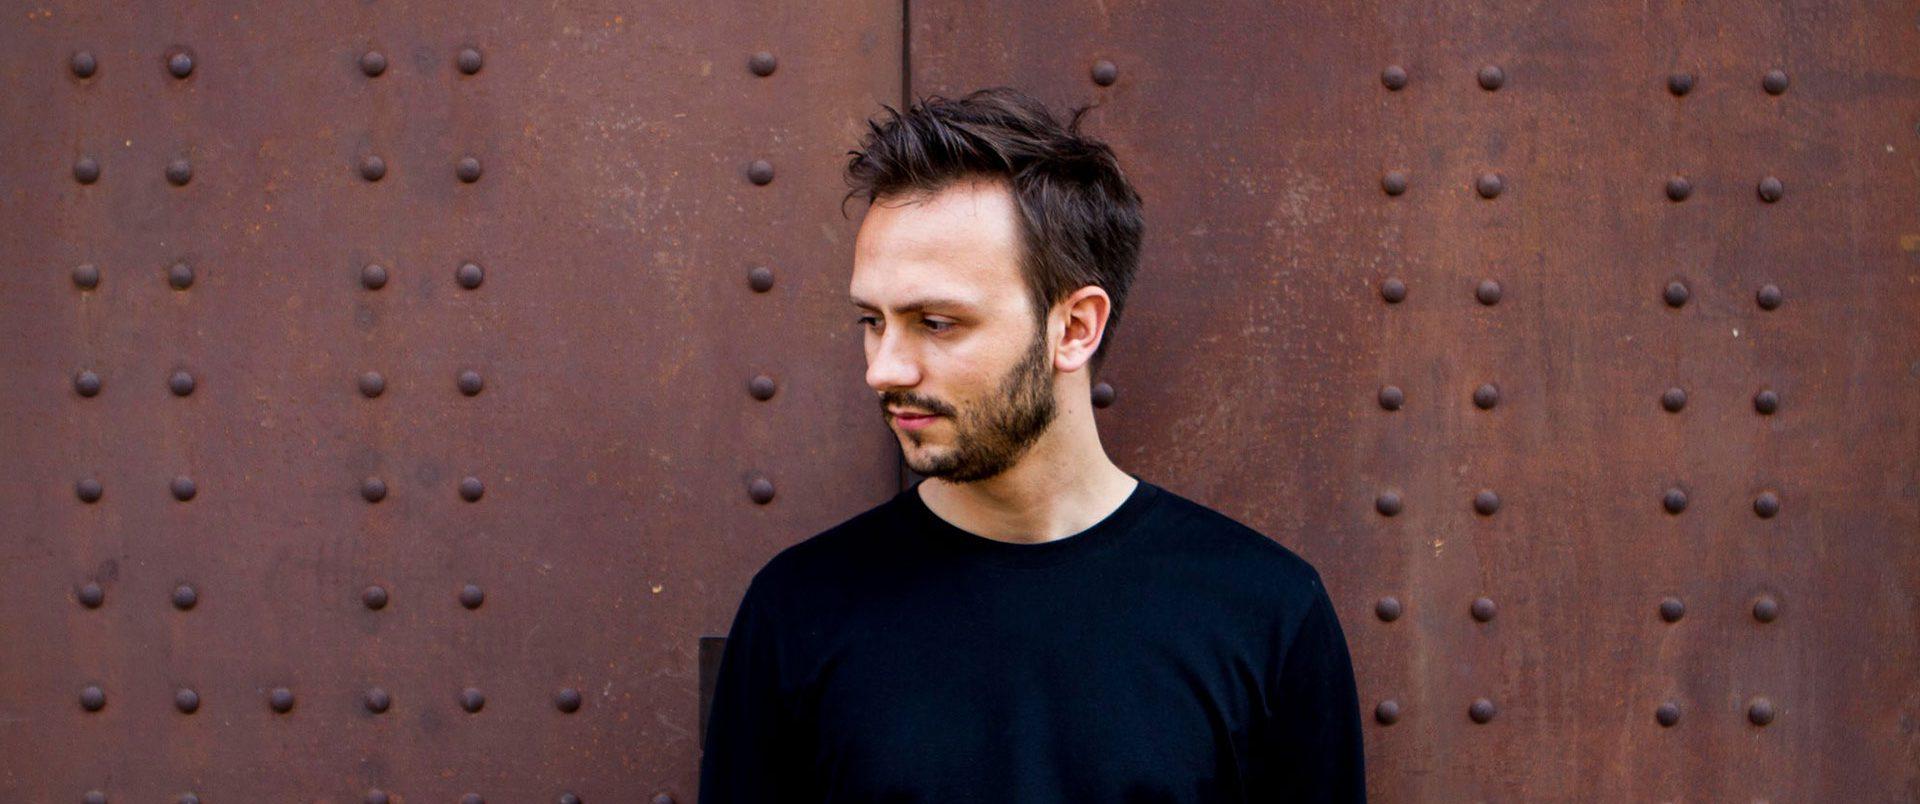 Sabb lansează primul său album – Radiant